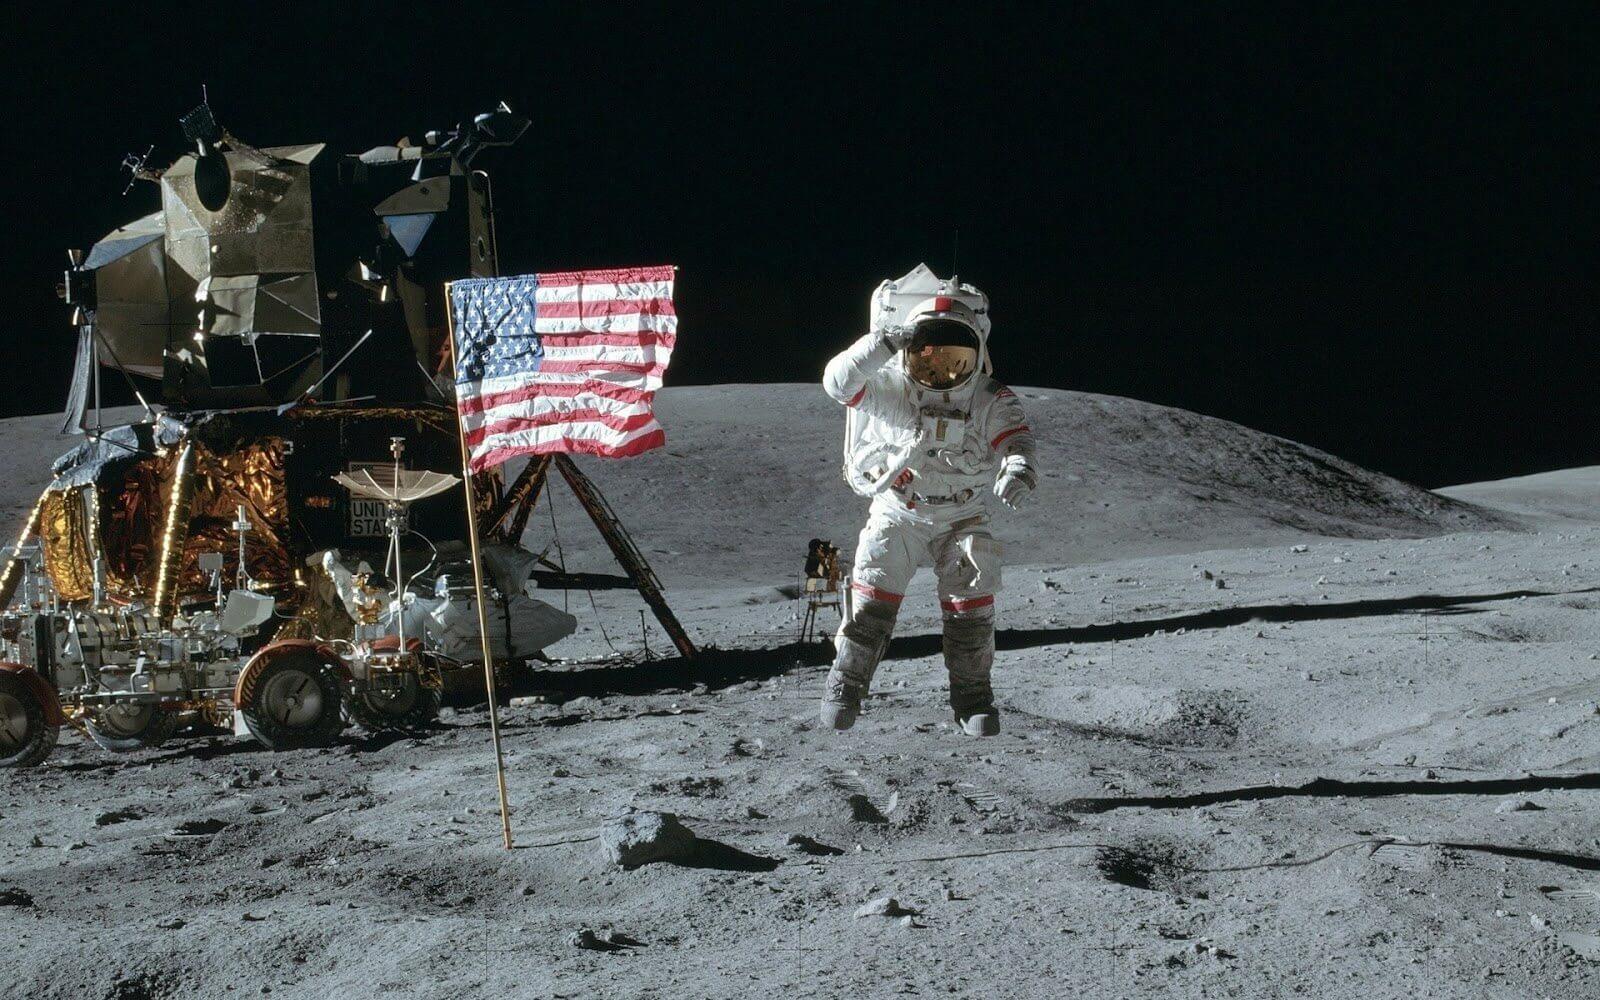 NASA publica fotos em alta resolução da histórica missão Apollo